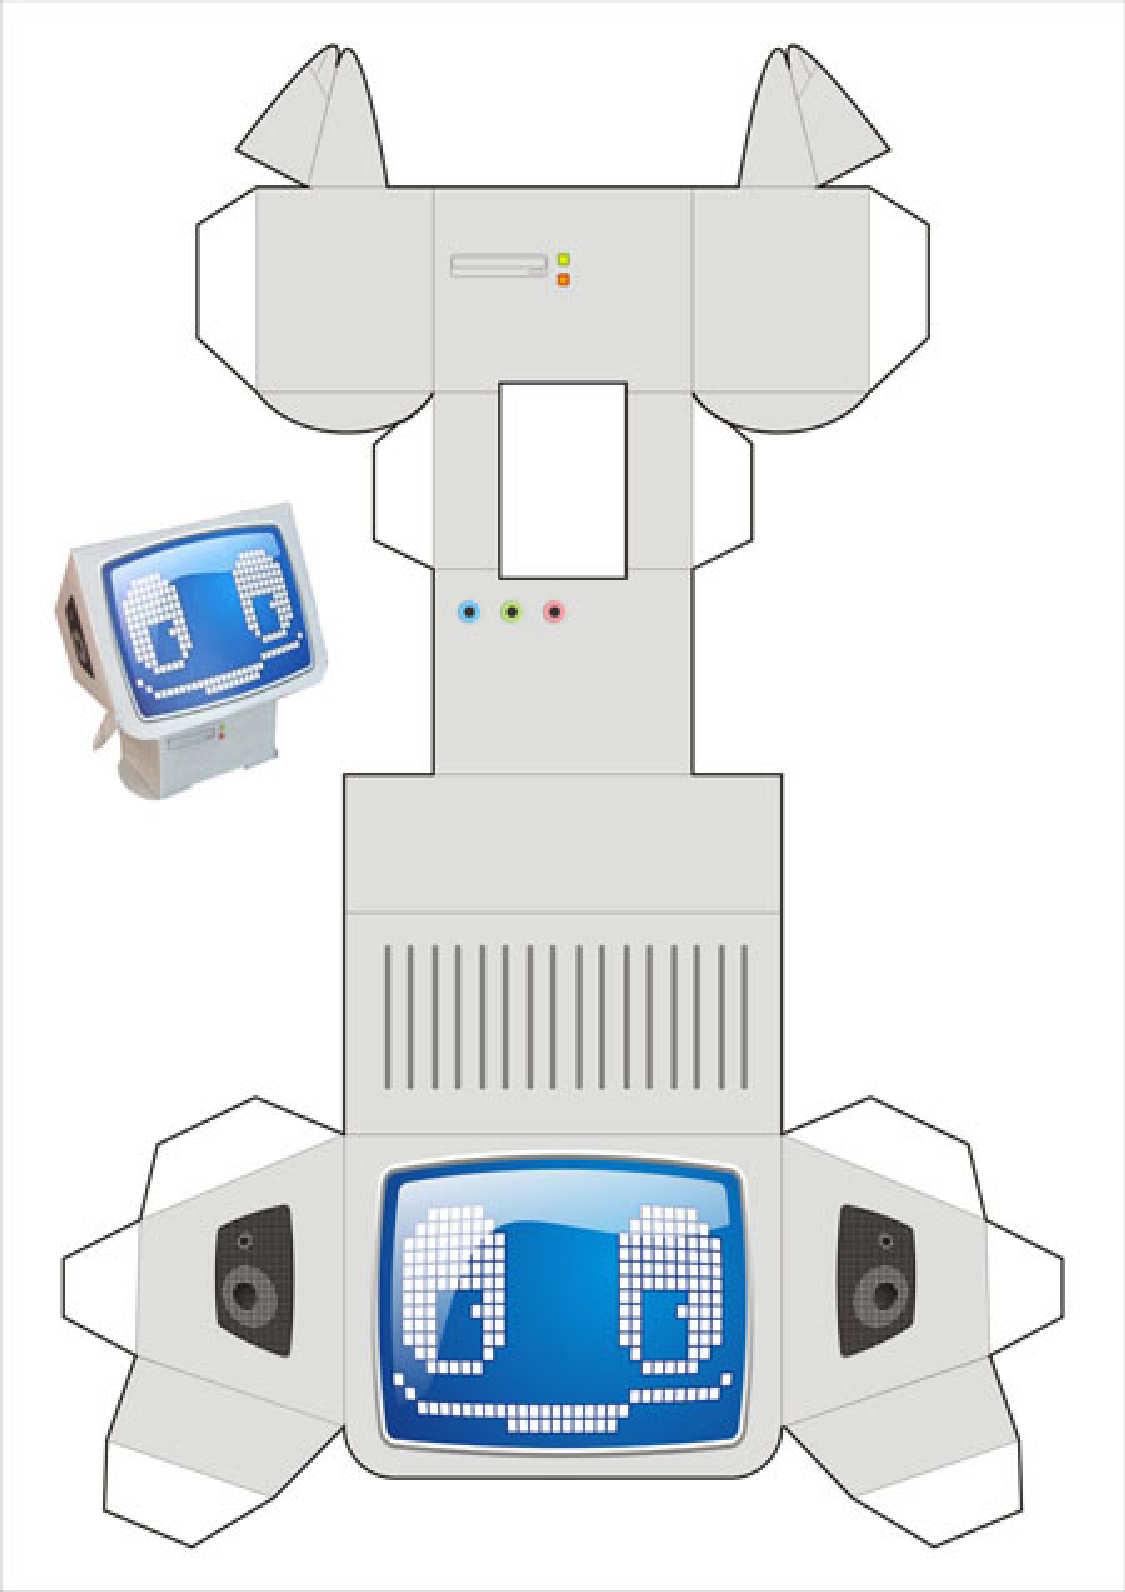 Computadora recortar y armar ilustraciones para for Sillas para armar y recortar